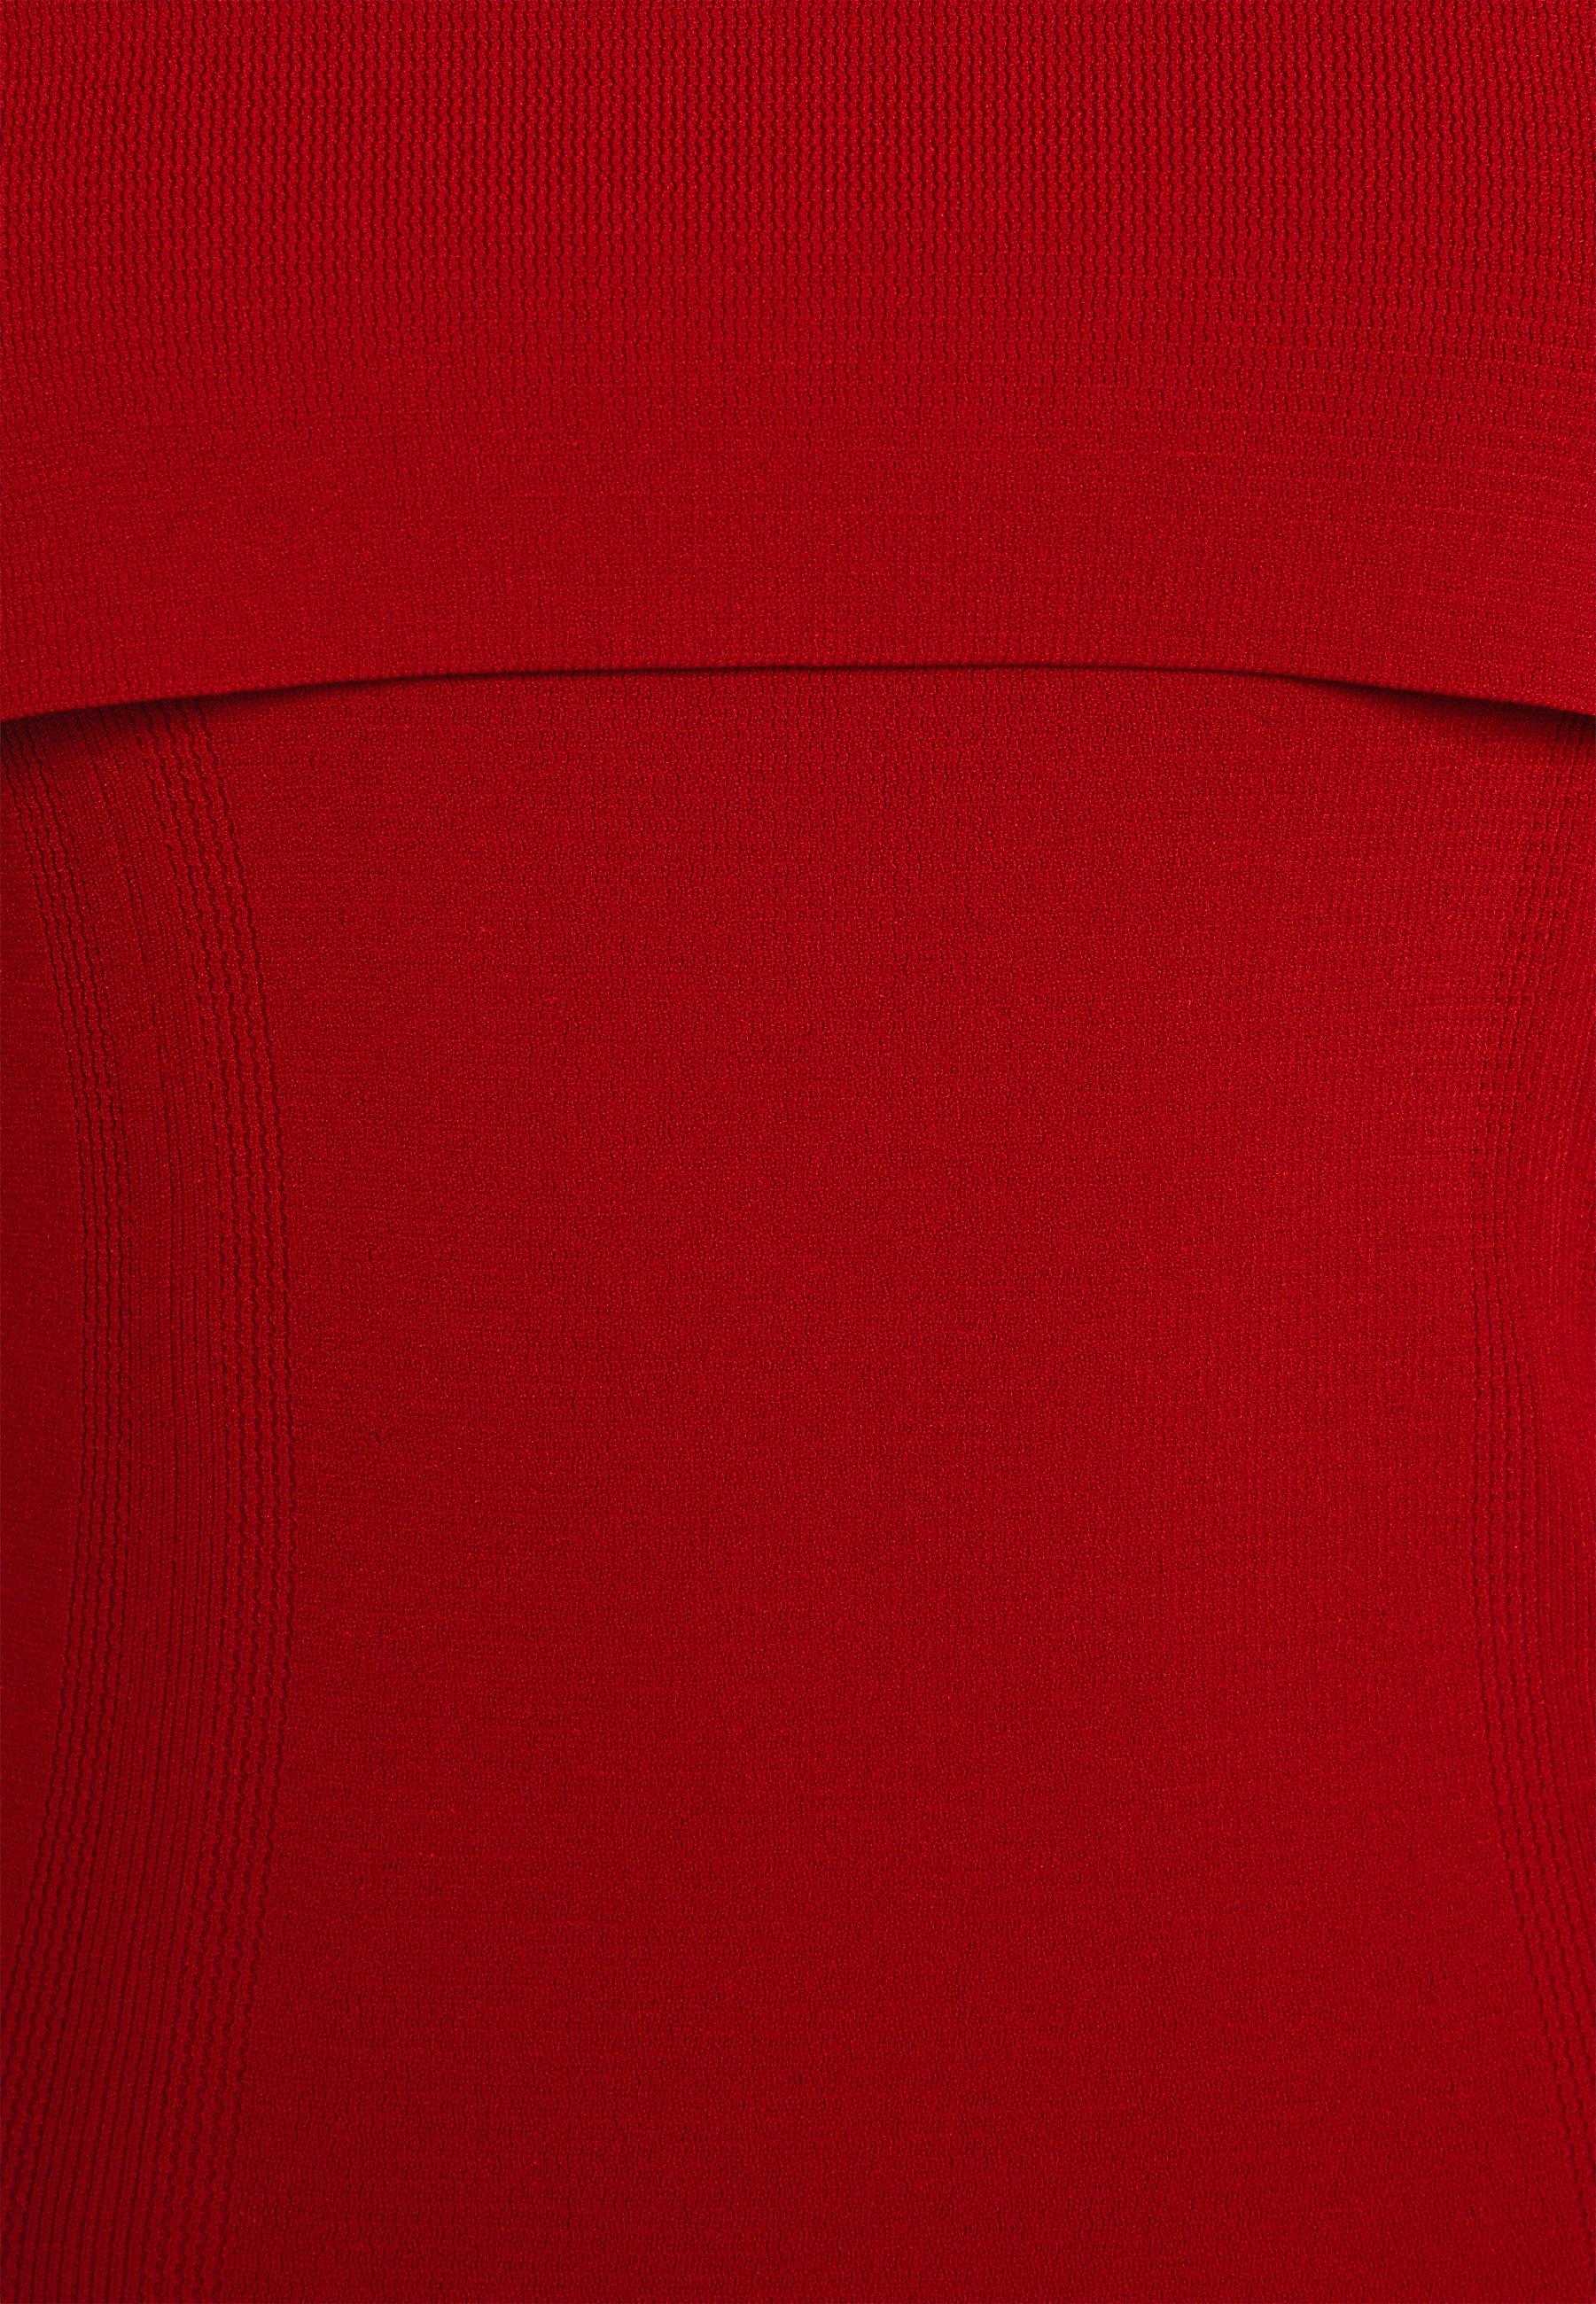 Proenza Schouler Compact Tank Dress - Tubino Scarlet Ul5L1